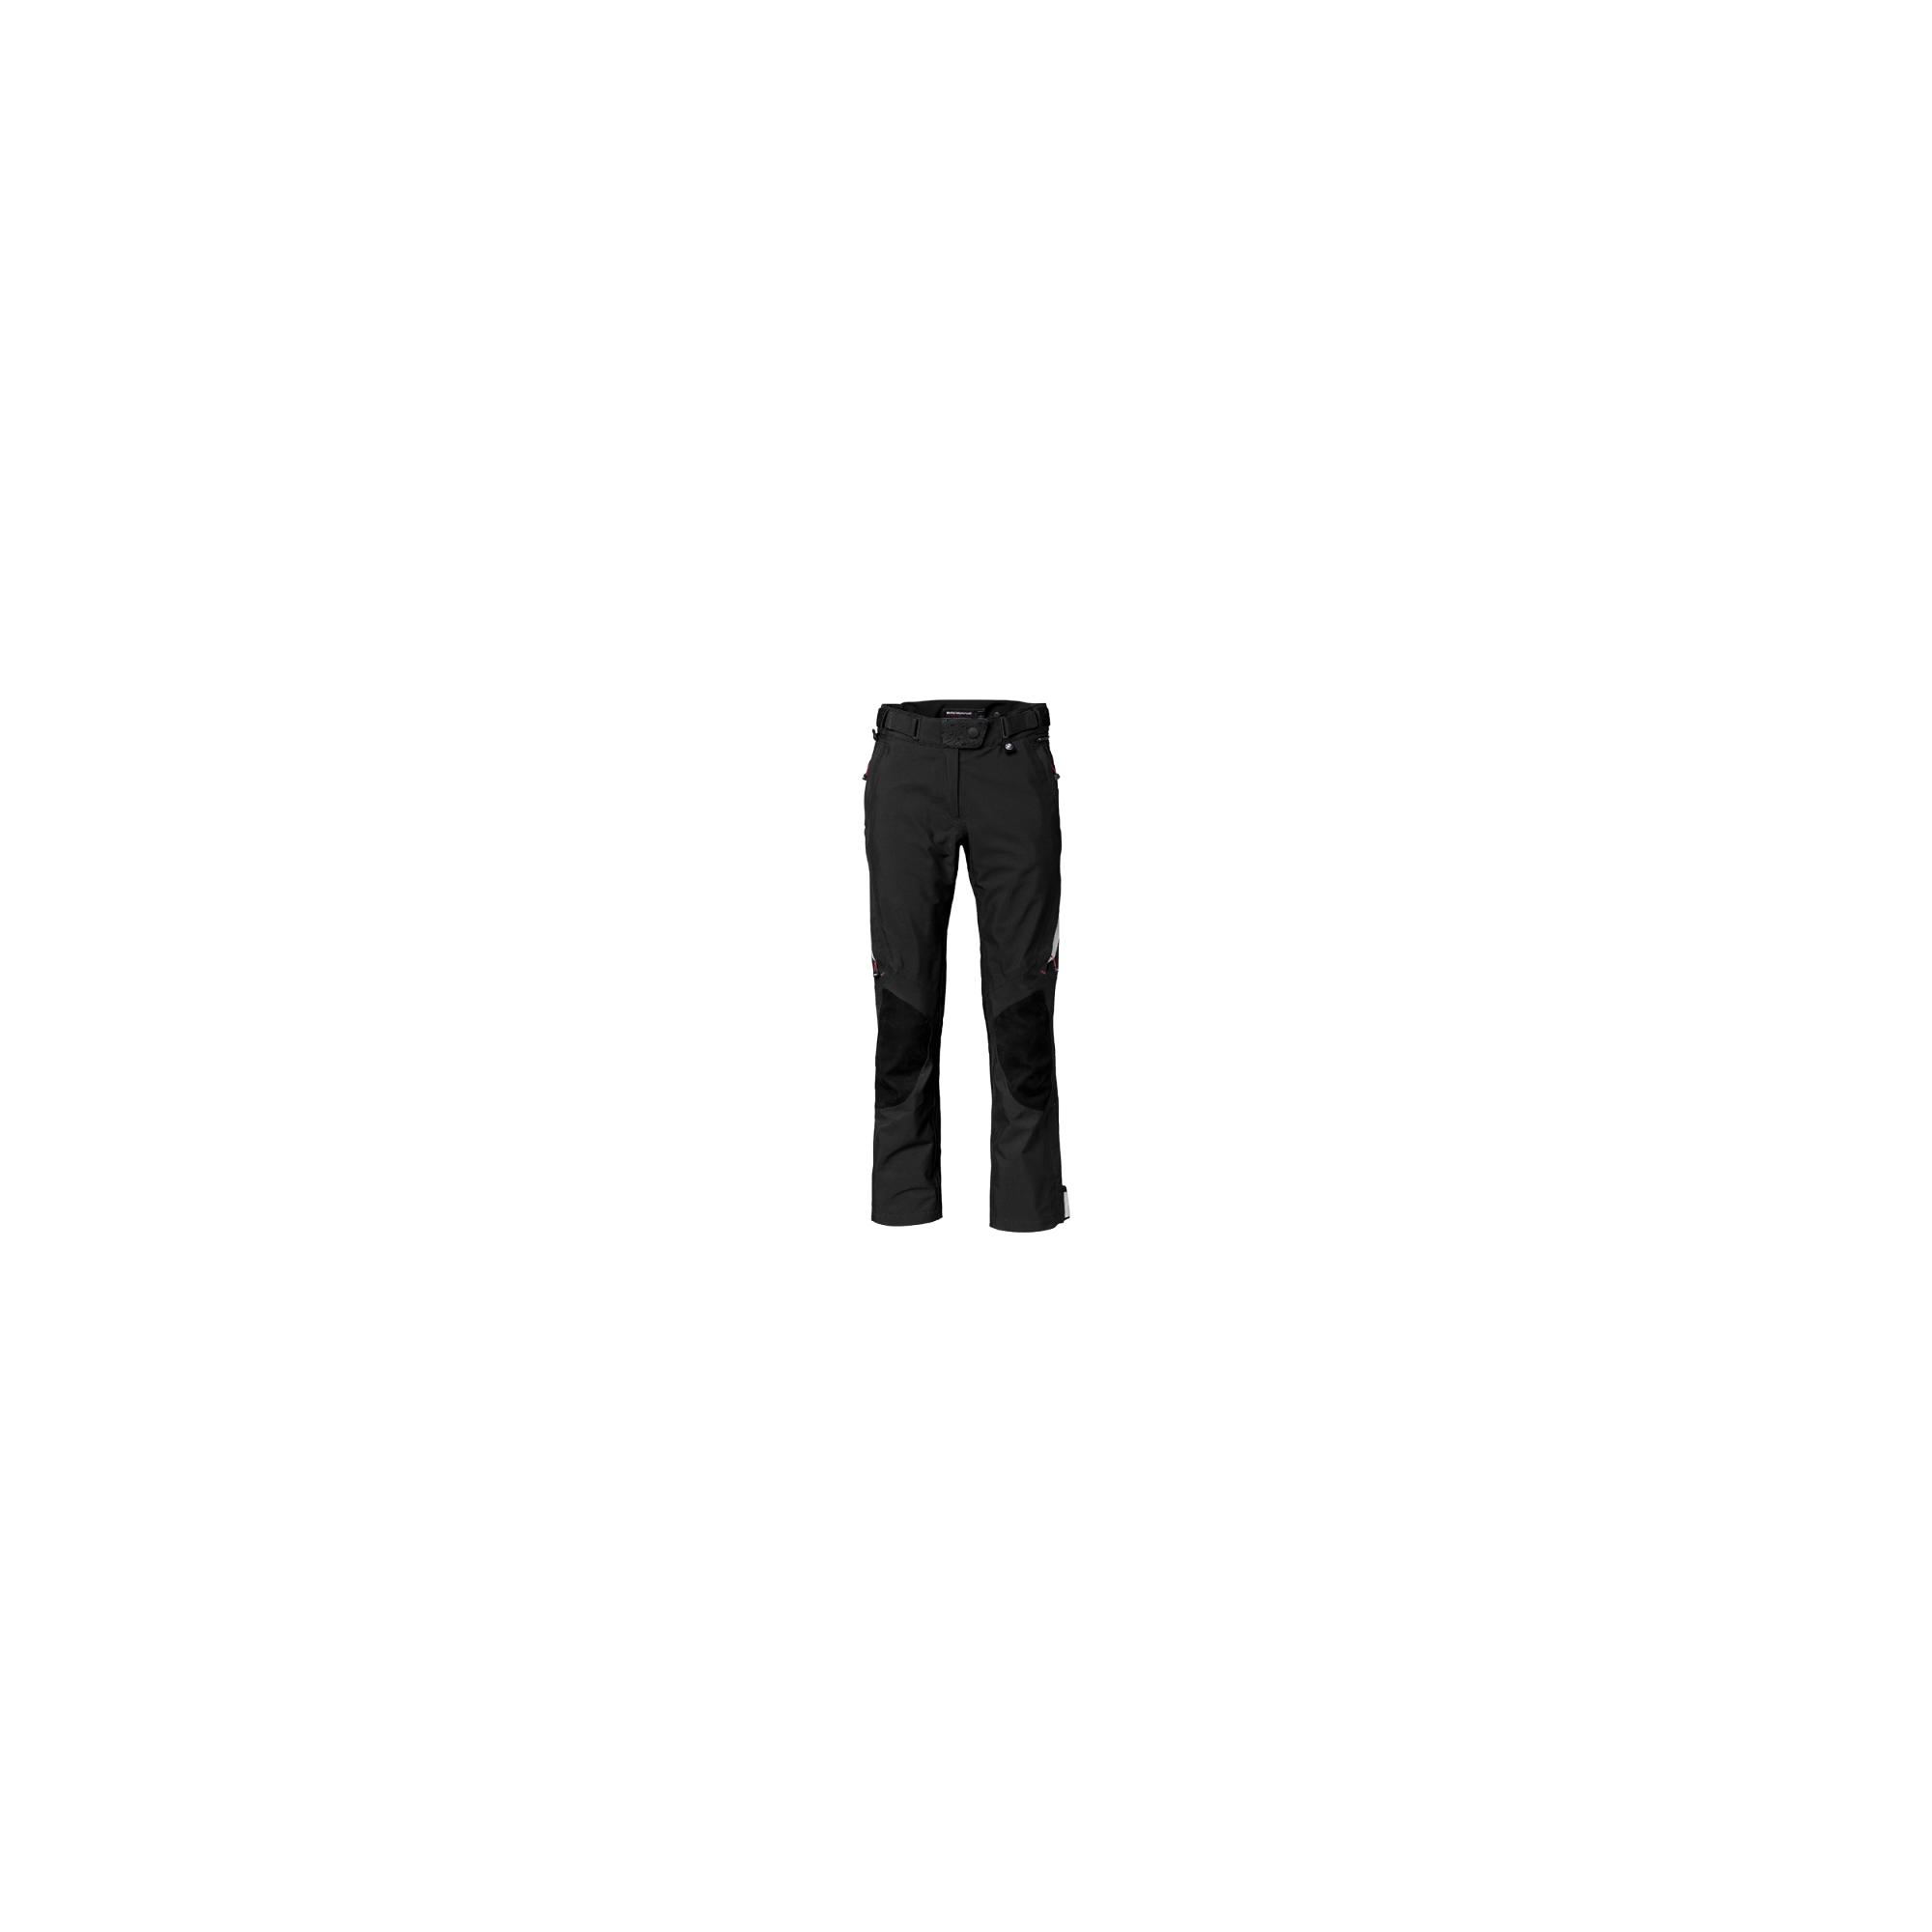 Pantalón de moto STREETGUARD Negro Hombre